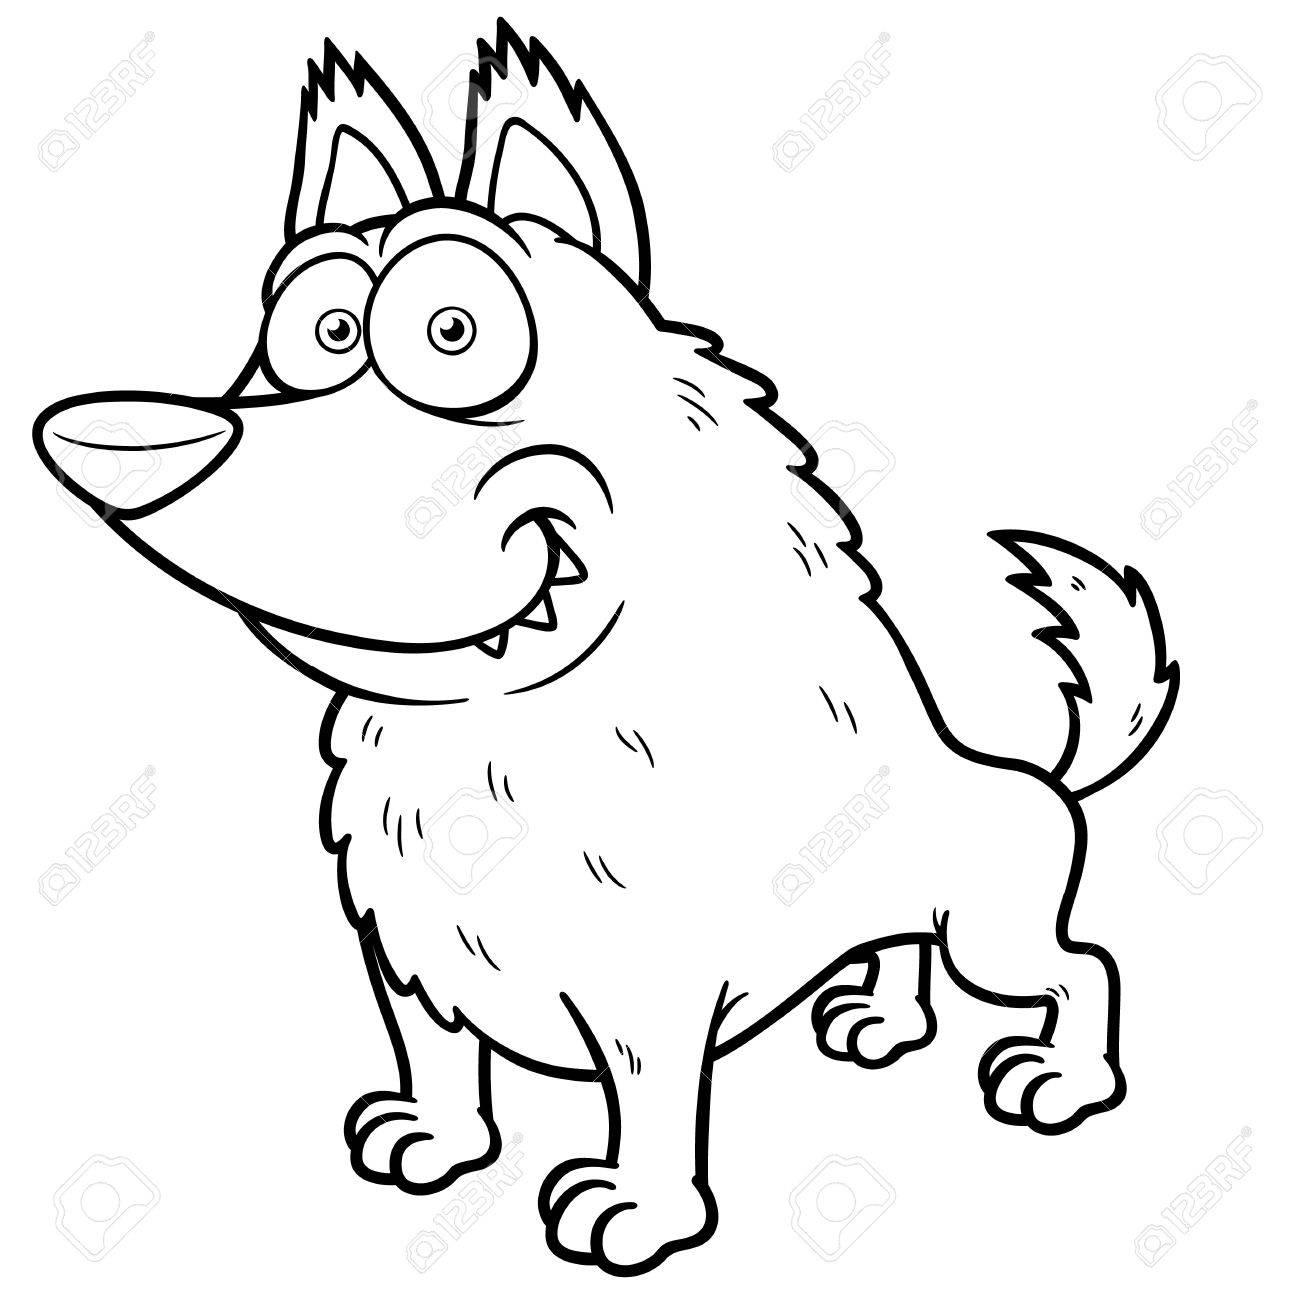 Ilustración Del Lobo De Dibujos Animados - Libro Para Colorear ...